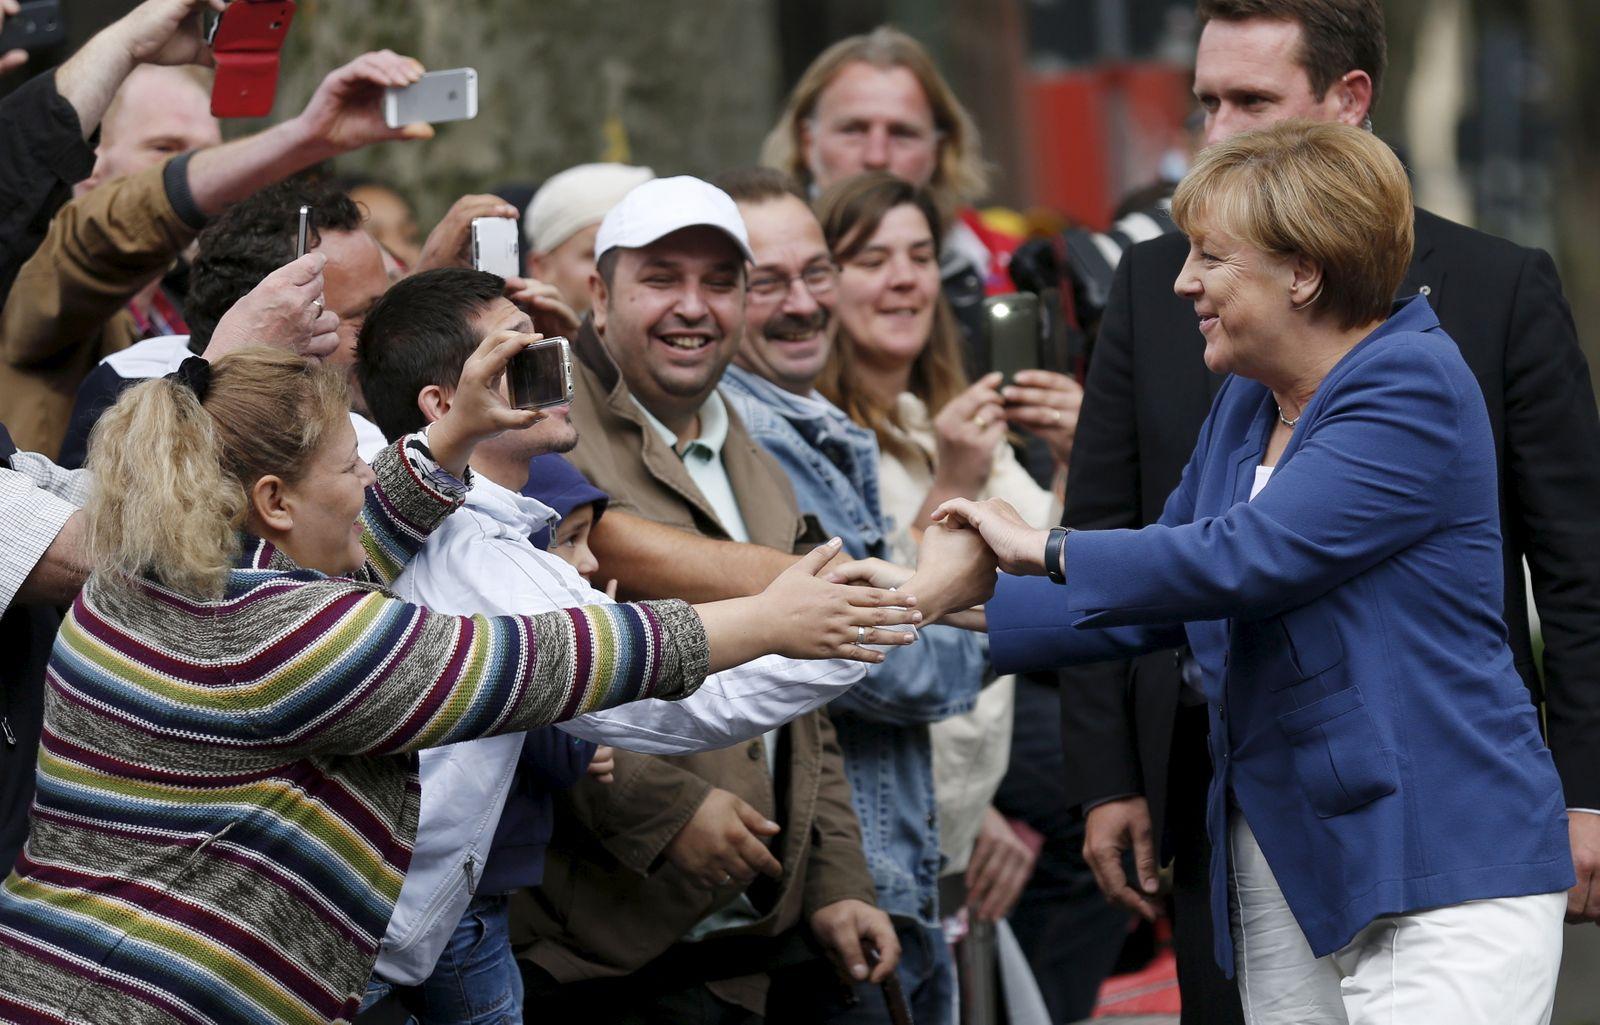 Angela Merkel / shakes hands